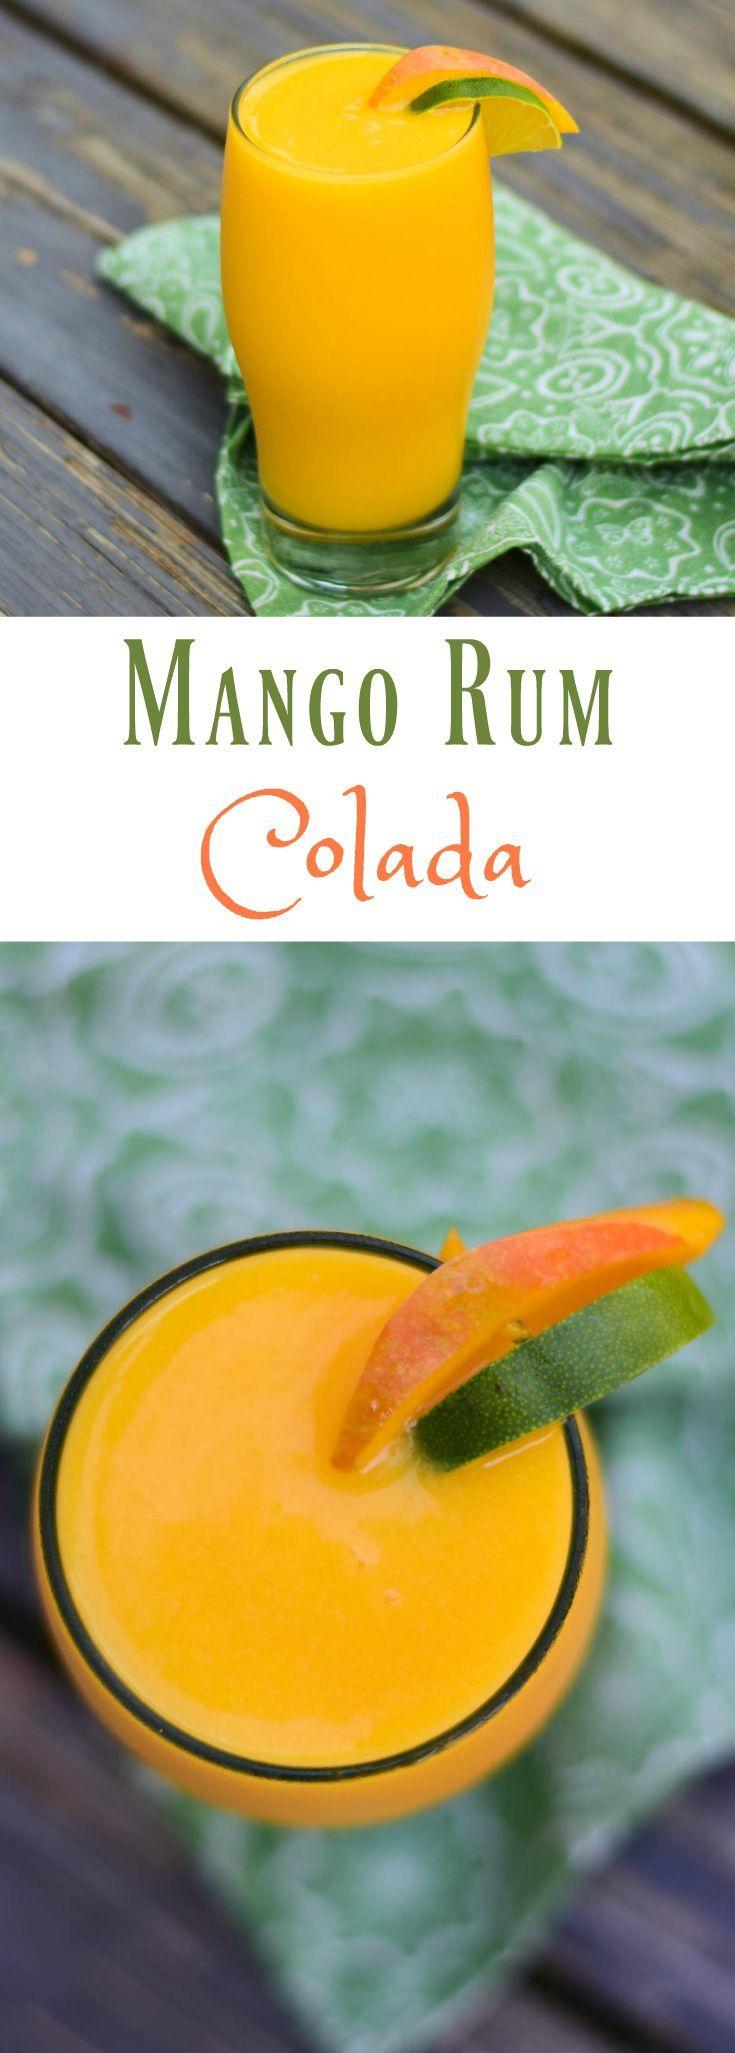 1000+ ideas about Mango Rum on Pinterest | Malibu mixed ...